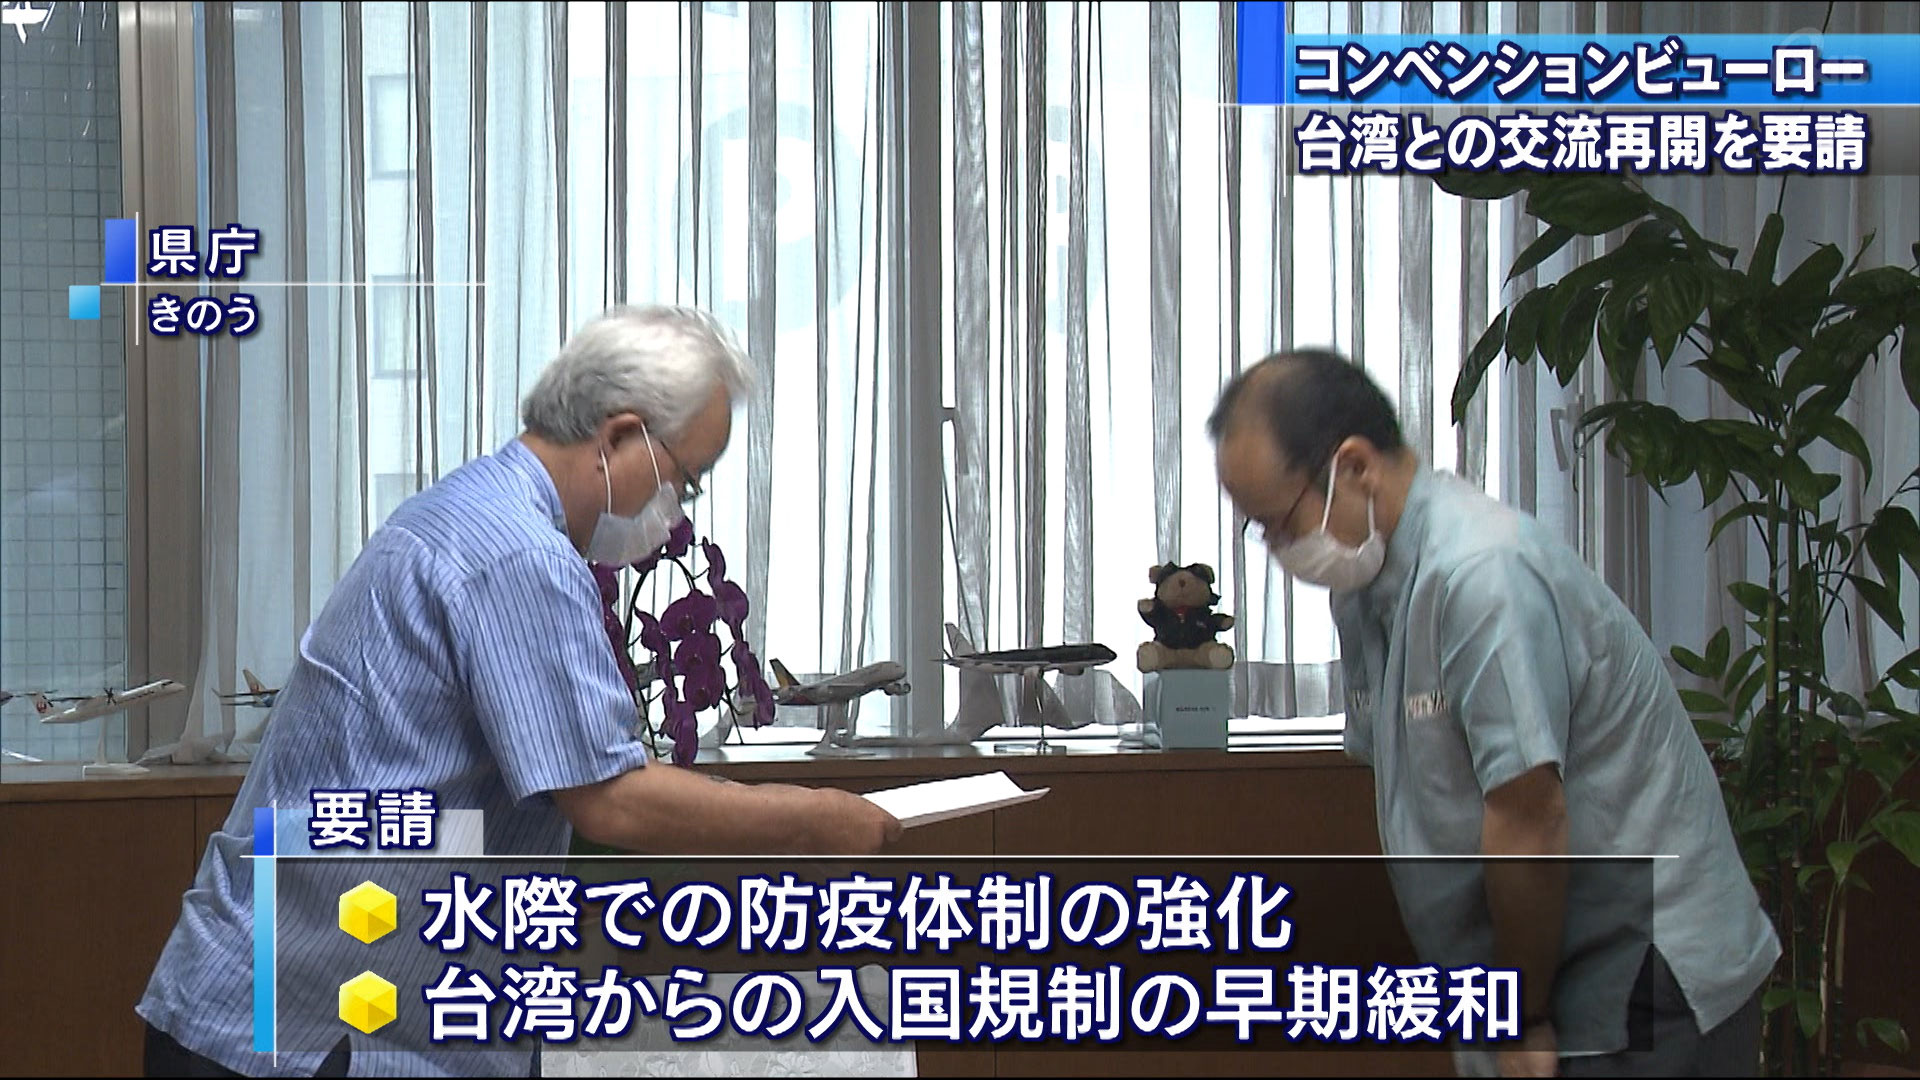 台湾との観光交流再開を県に要請